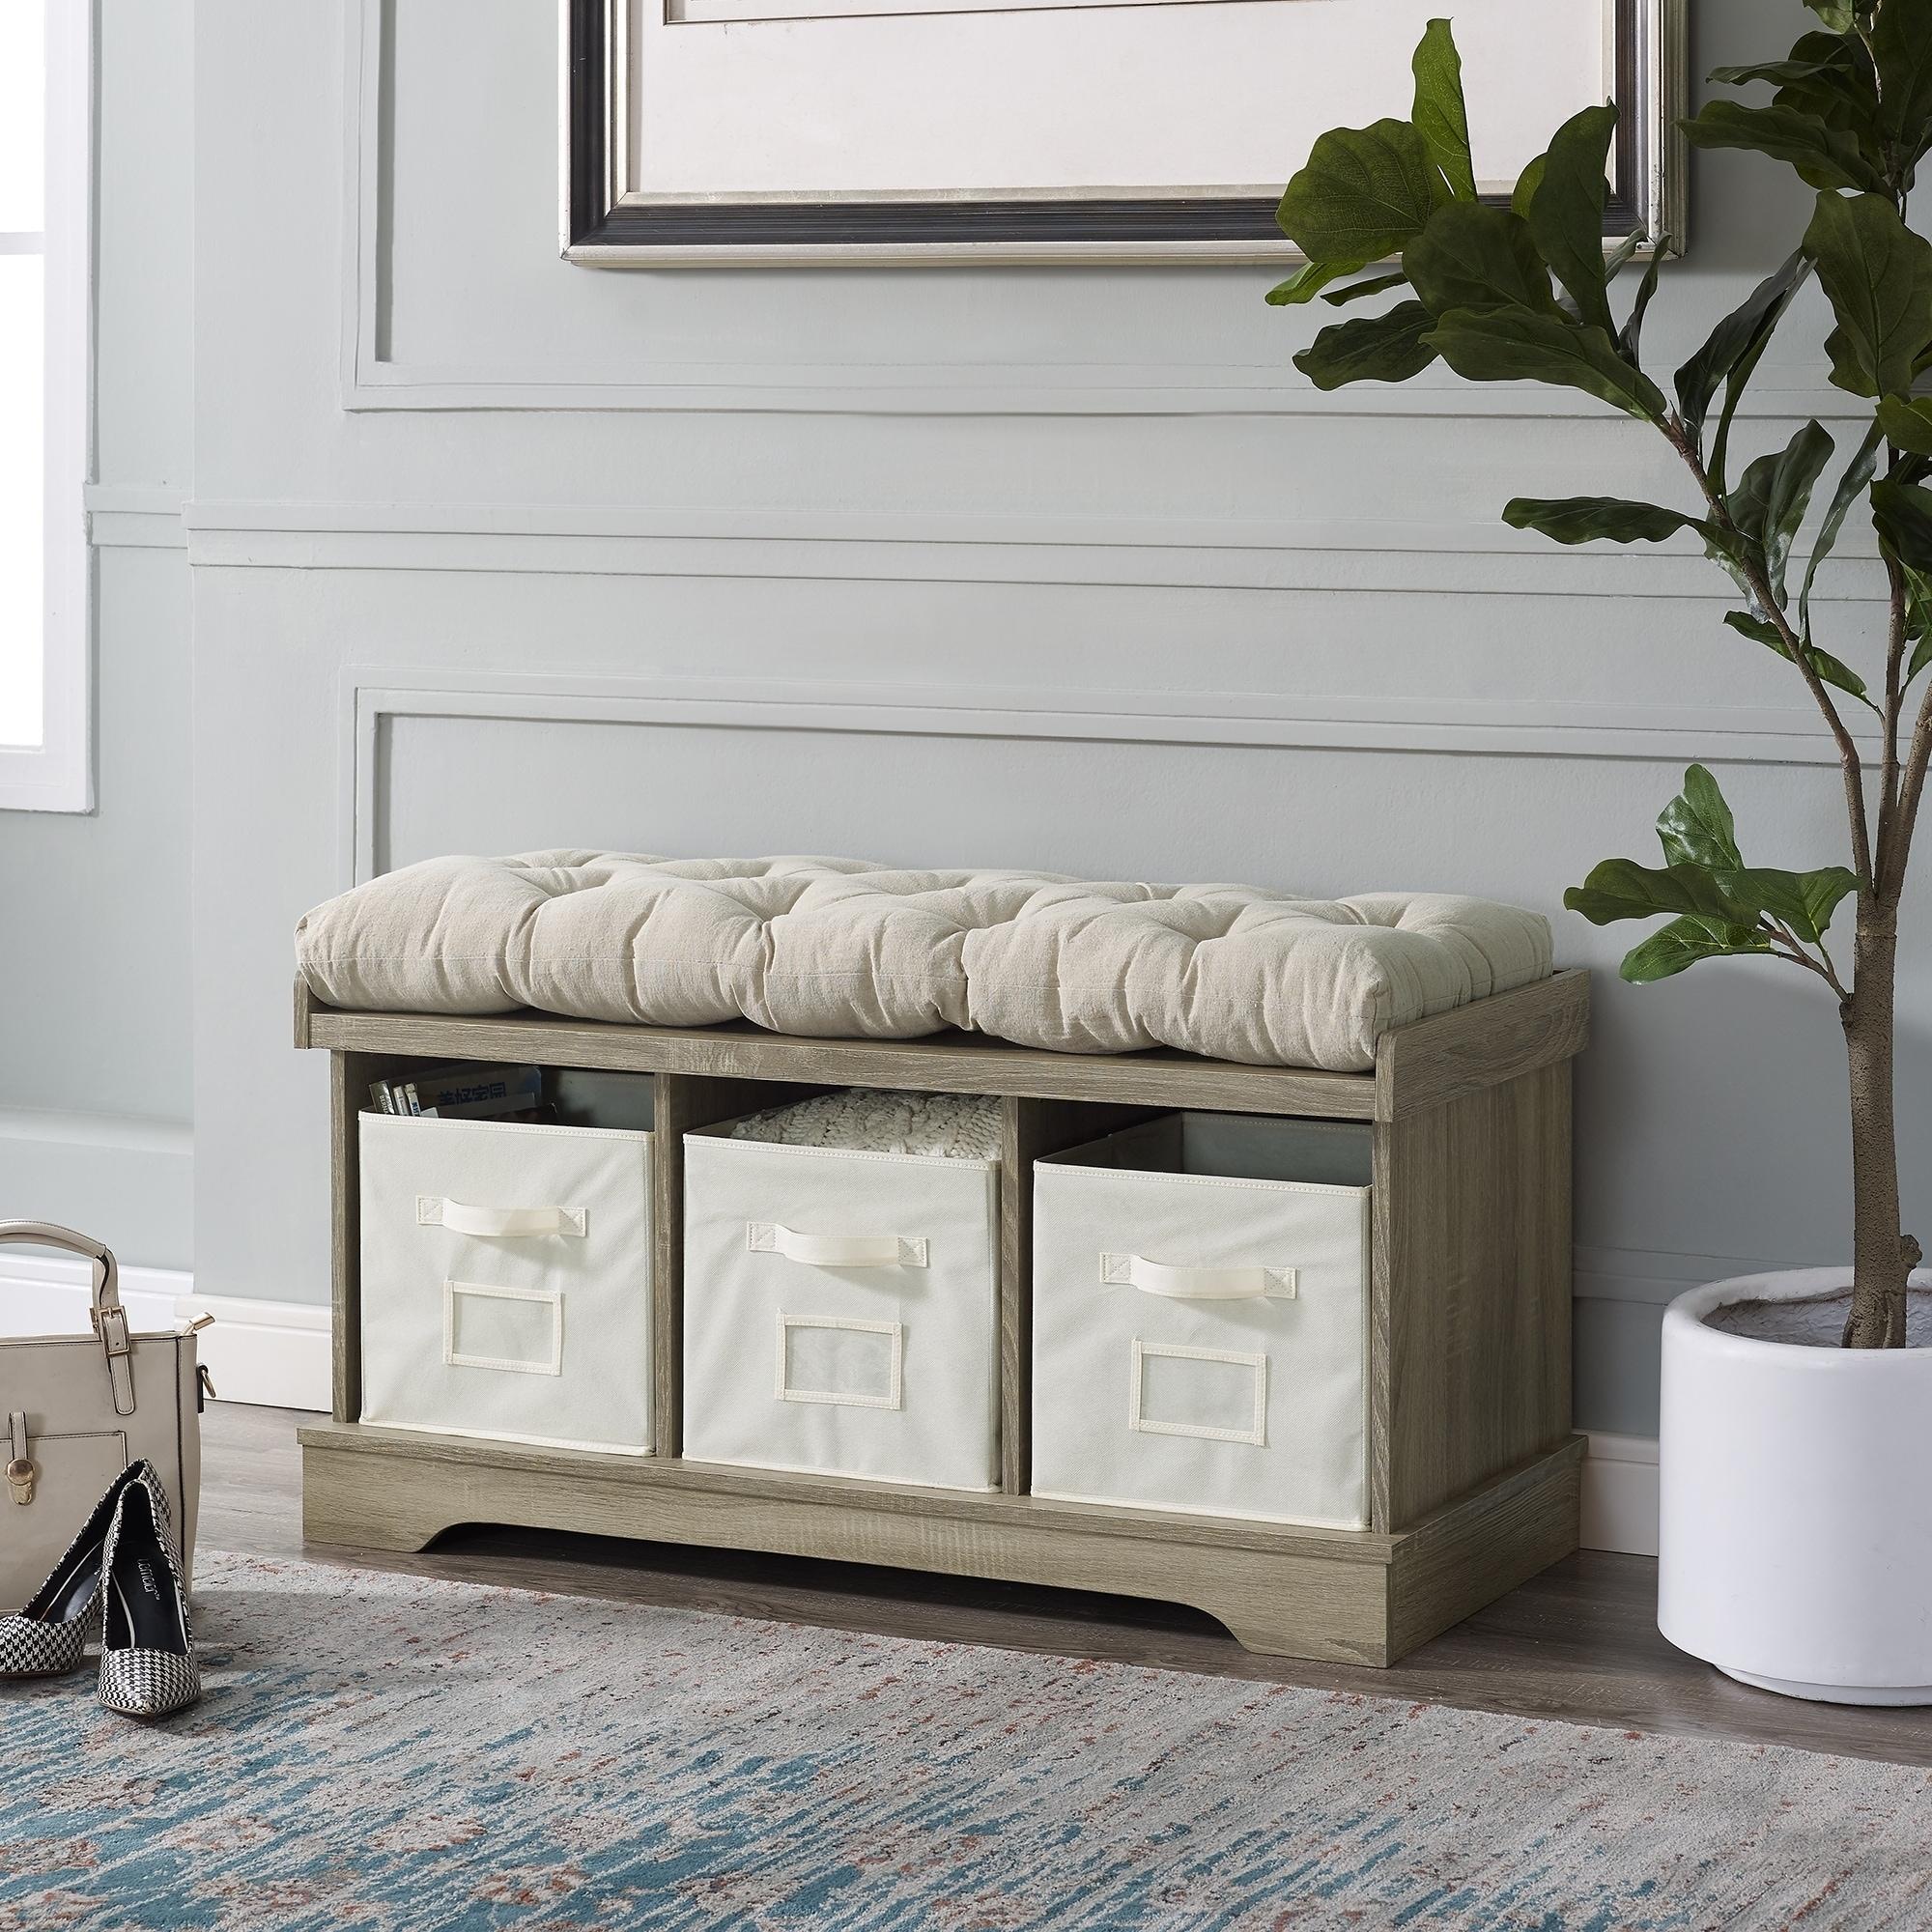 42 Inch Farmhouse Wood Entryway Storage Bench W Cushion And